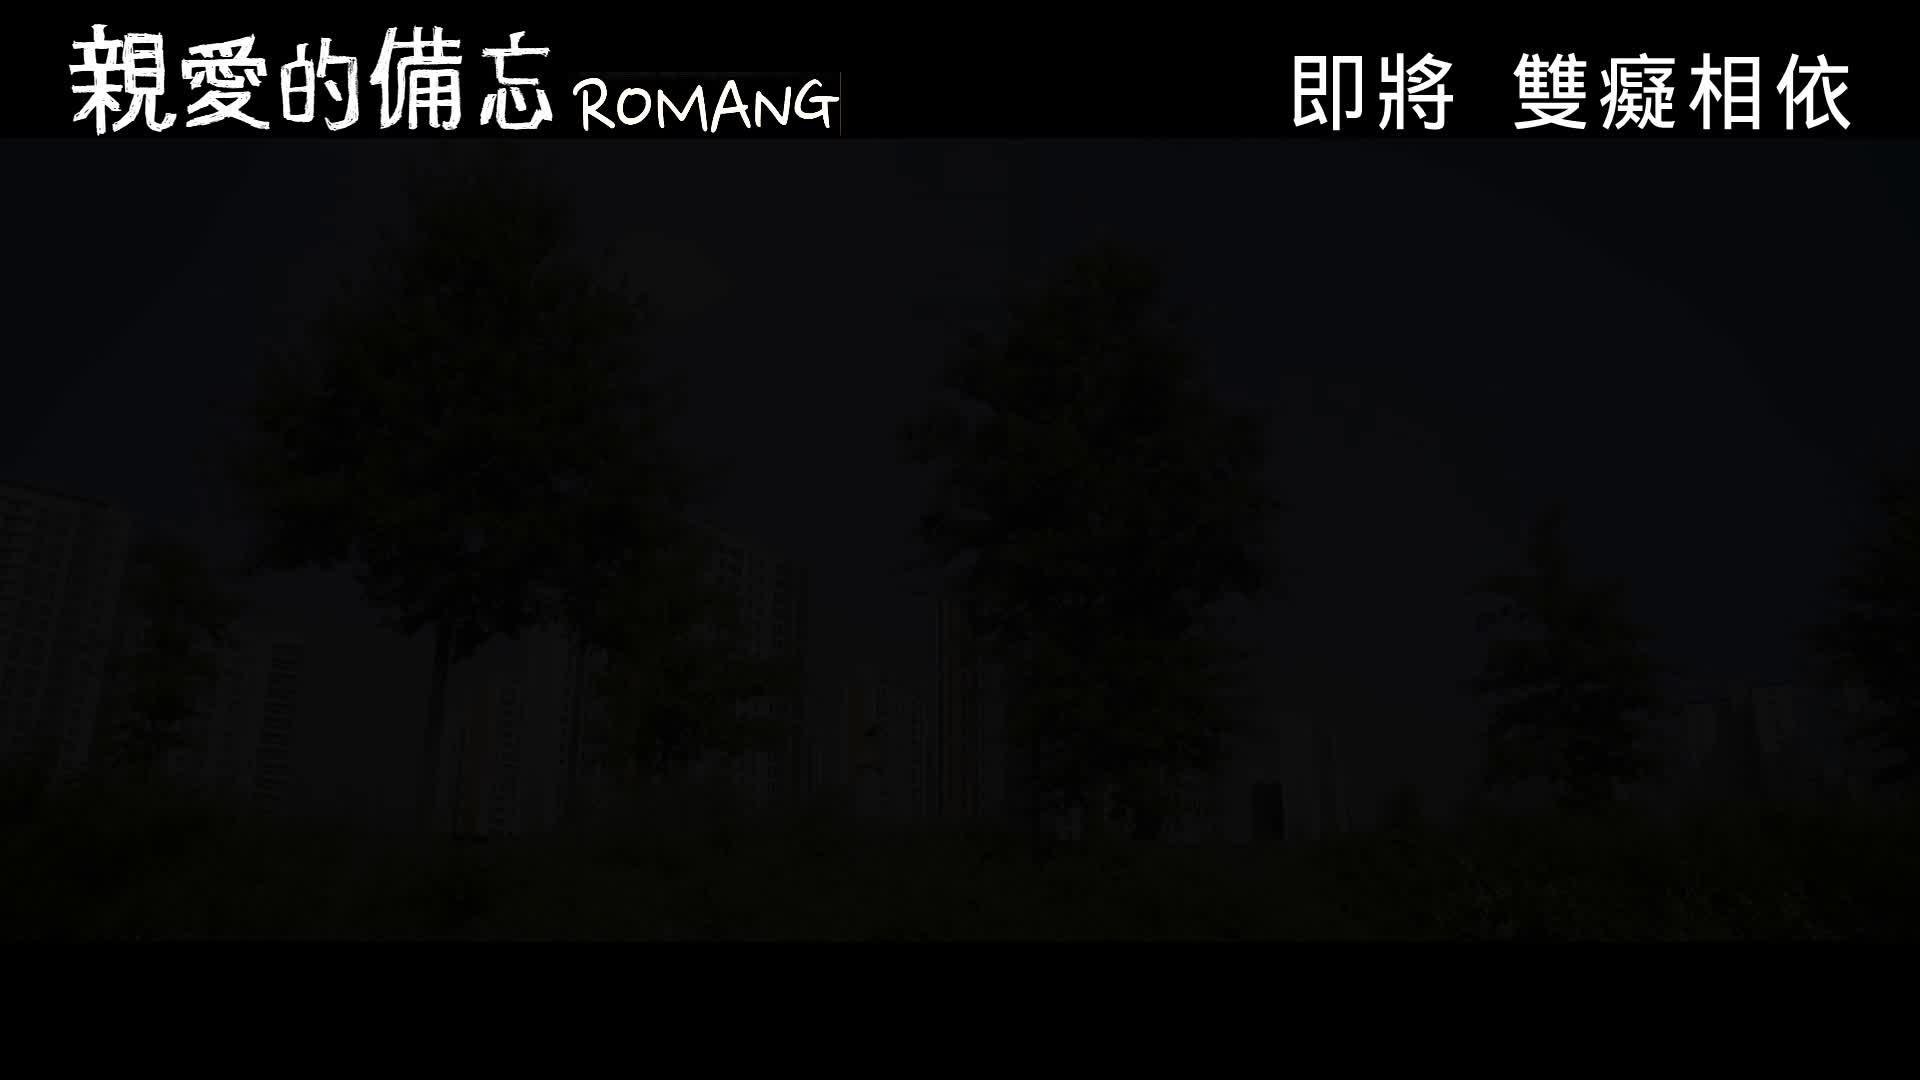 《親愛的備忘》電影預告